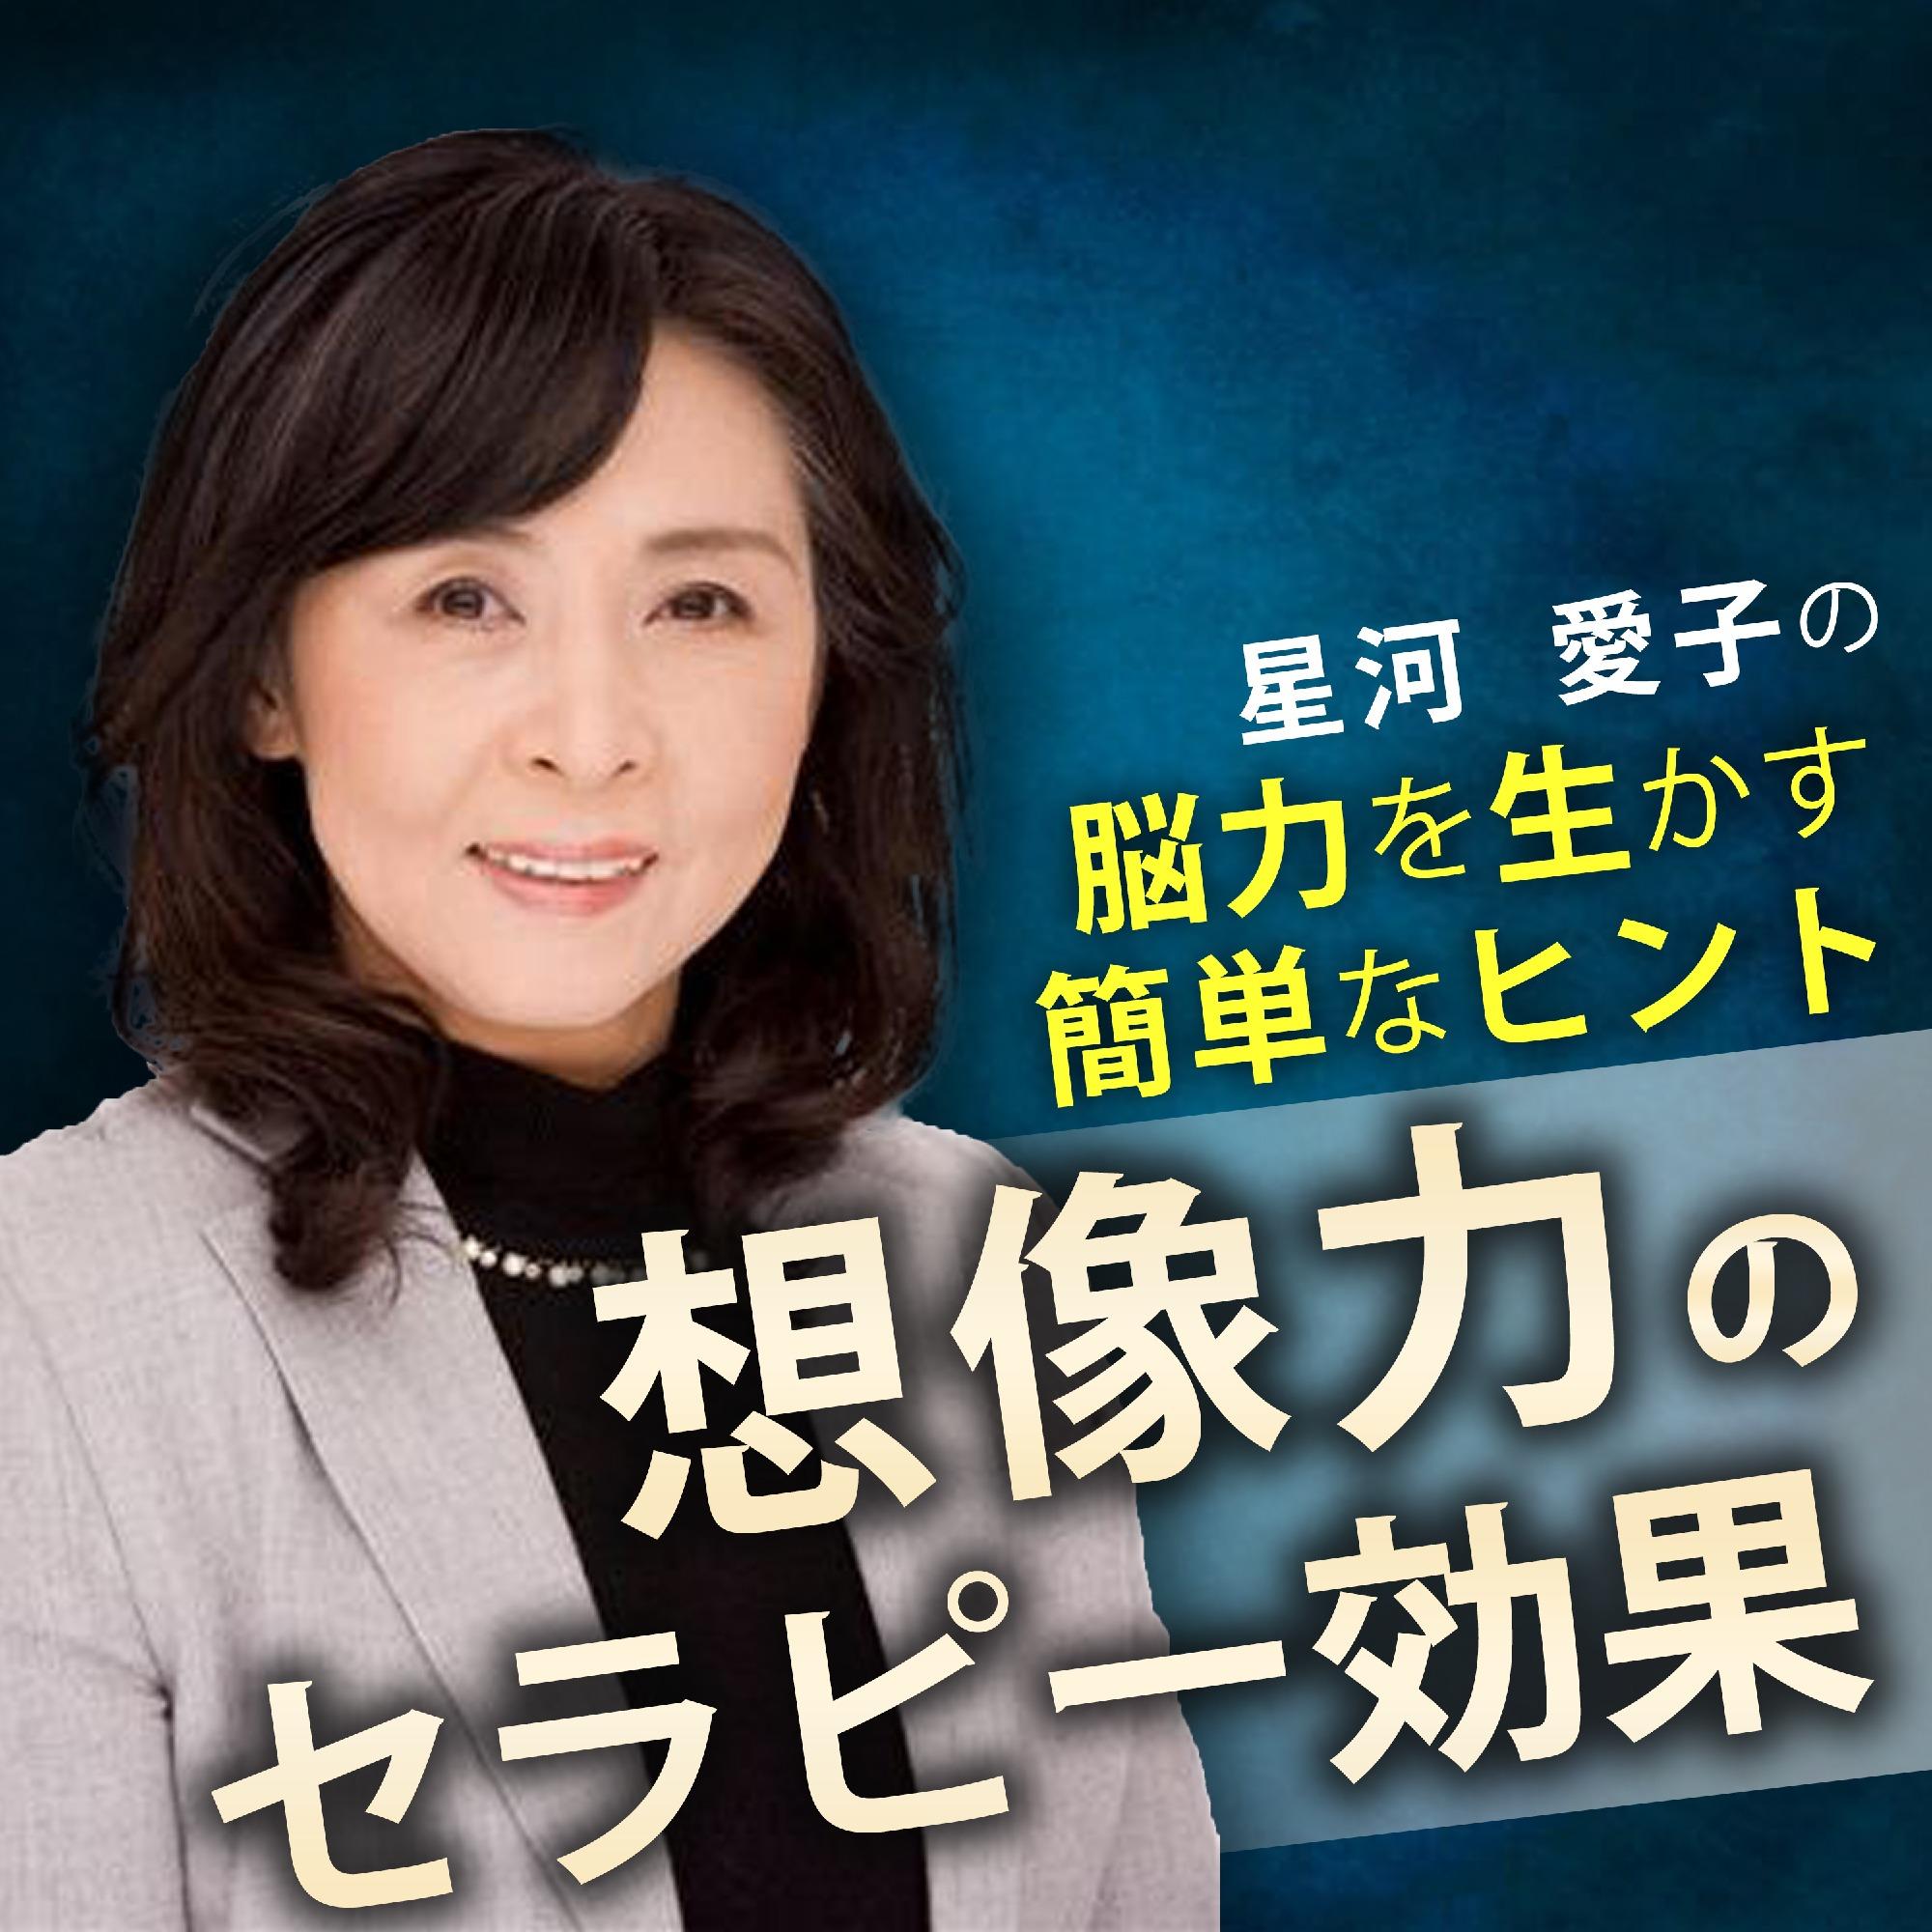 image_5050577_0_0_facebook.jpg